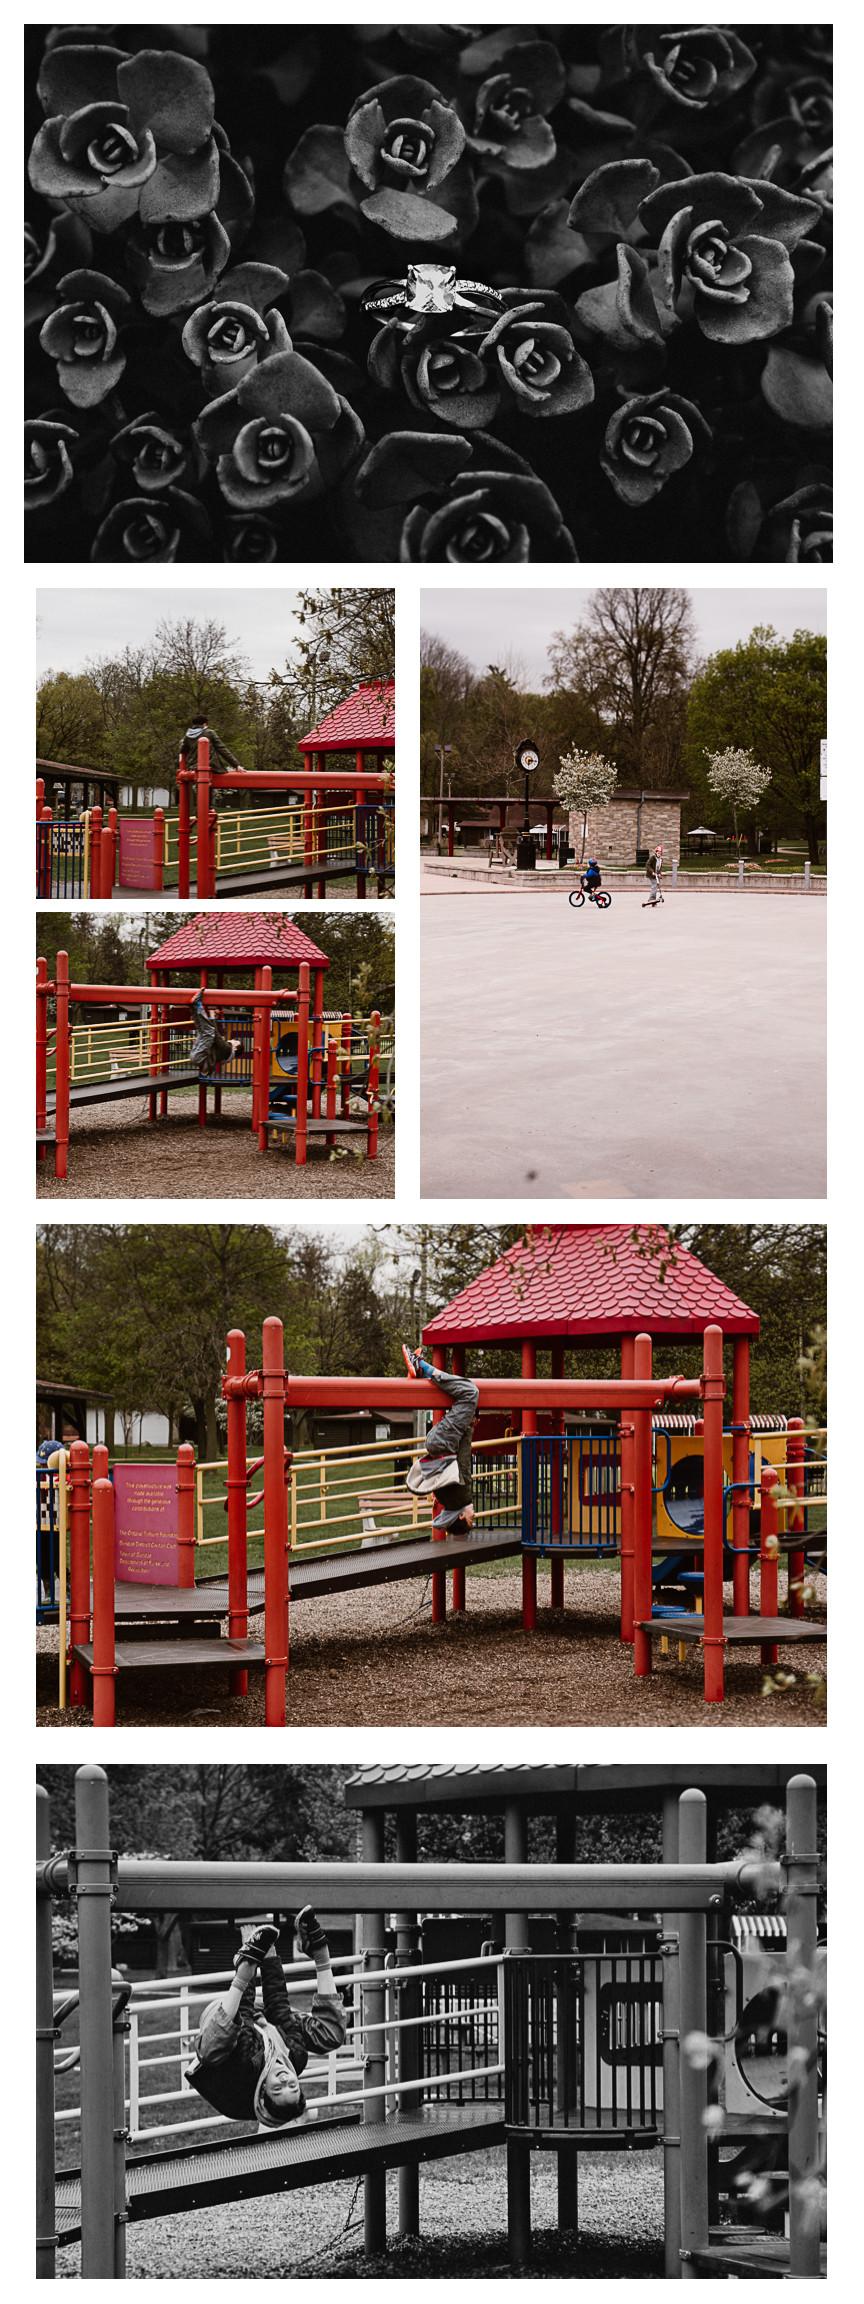 dundas driving park playground hamilton ontario